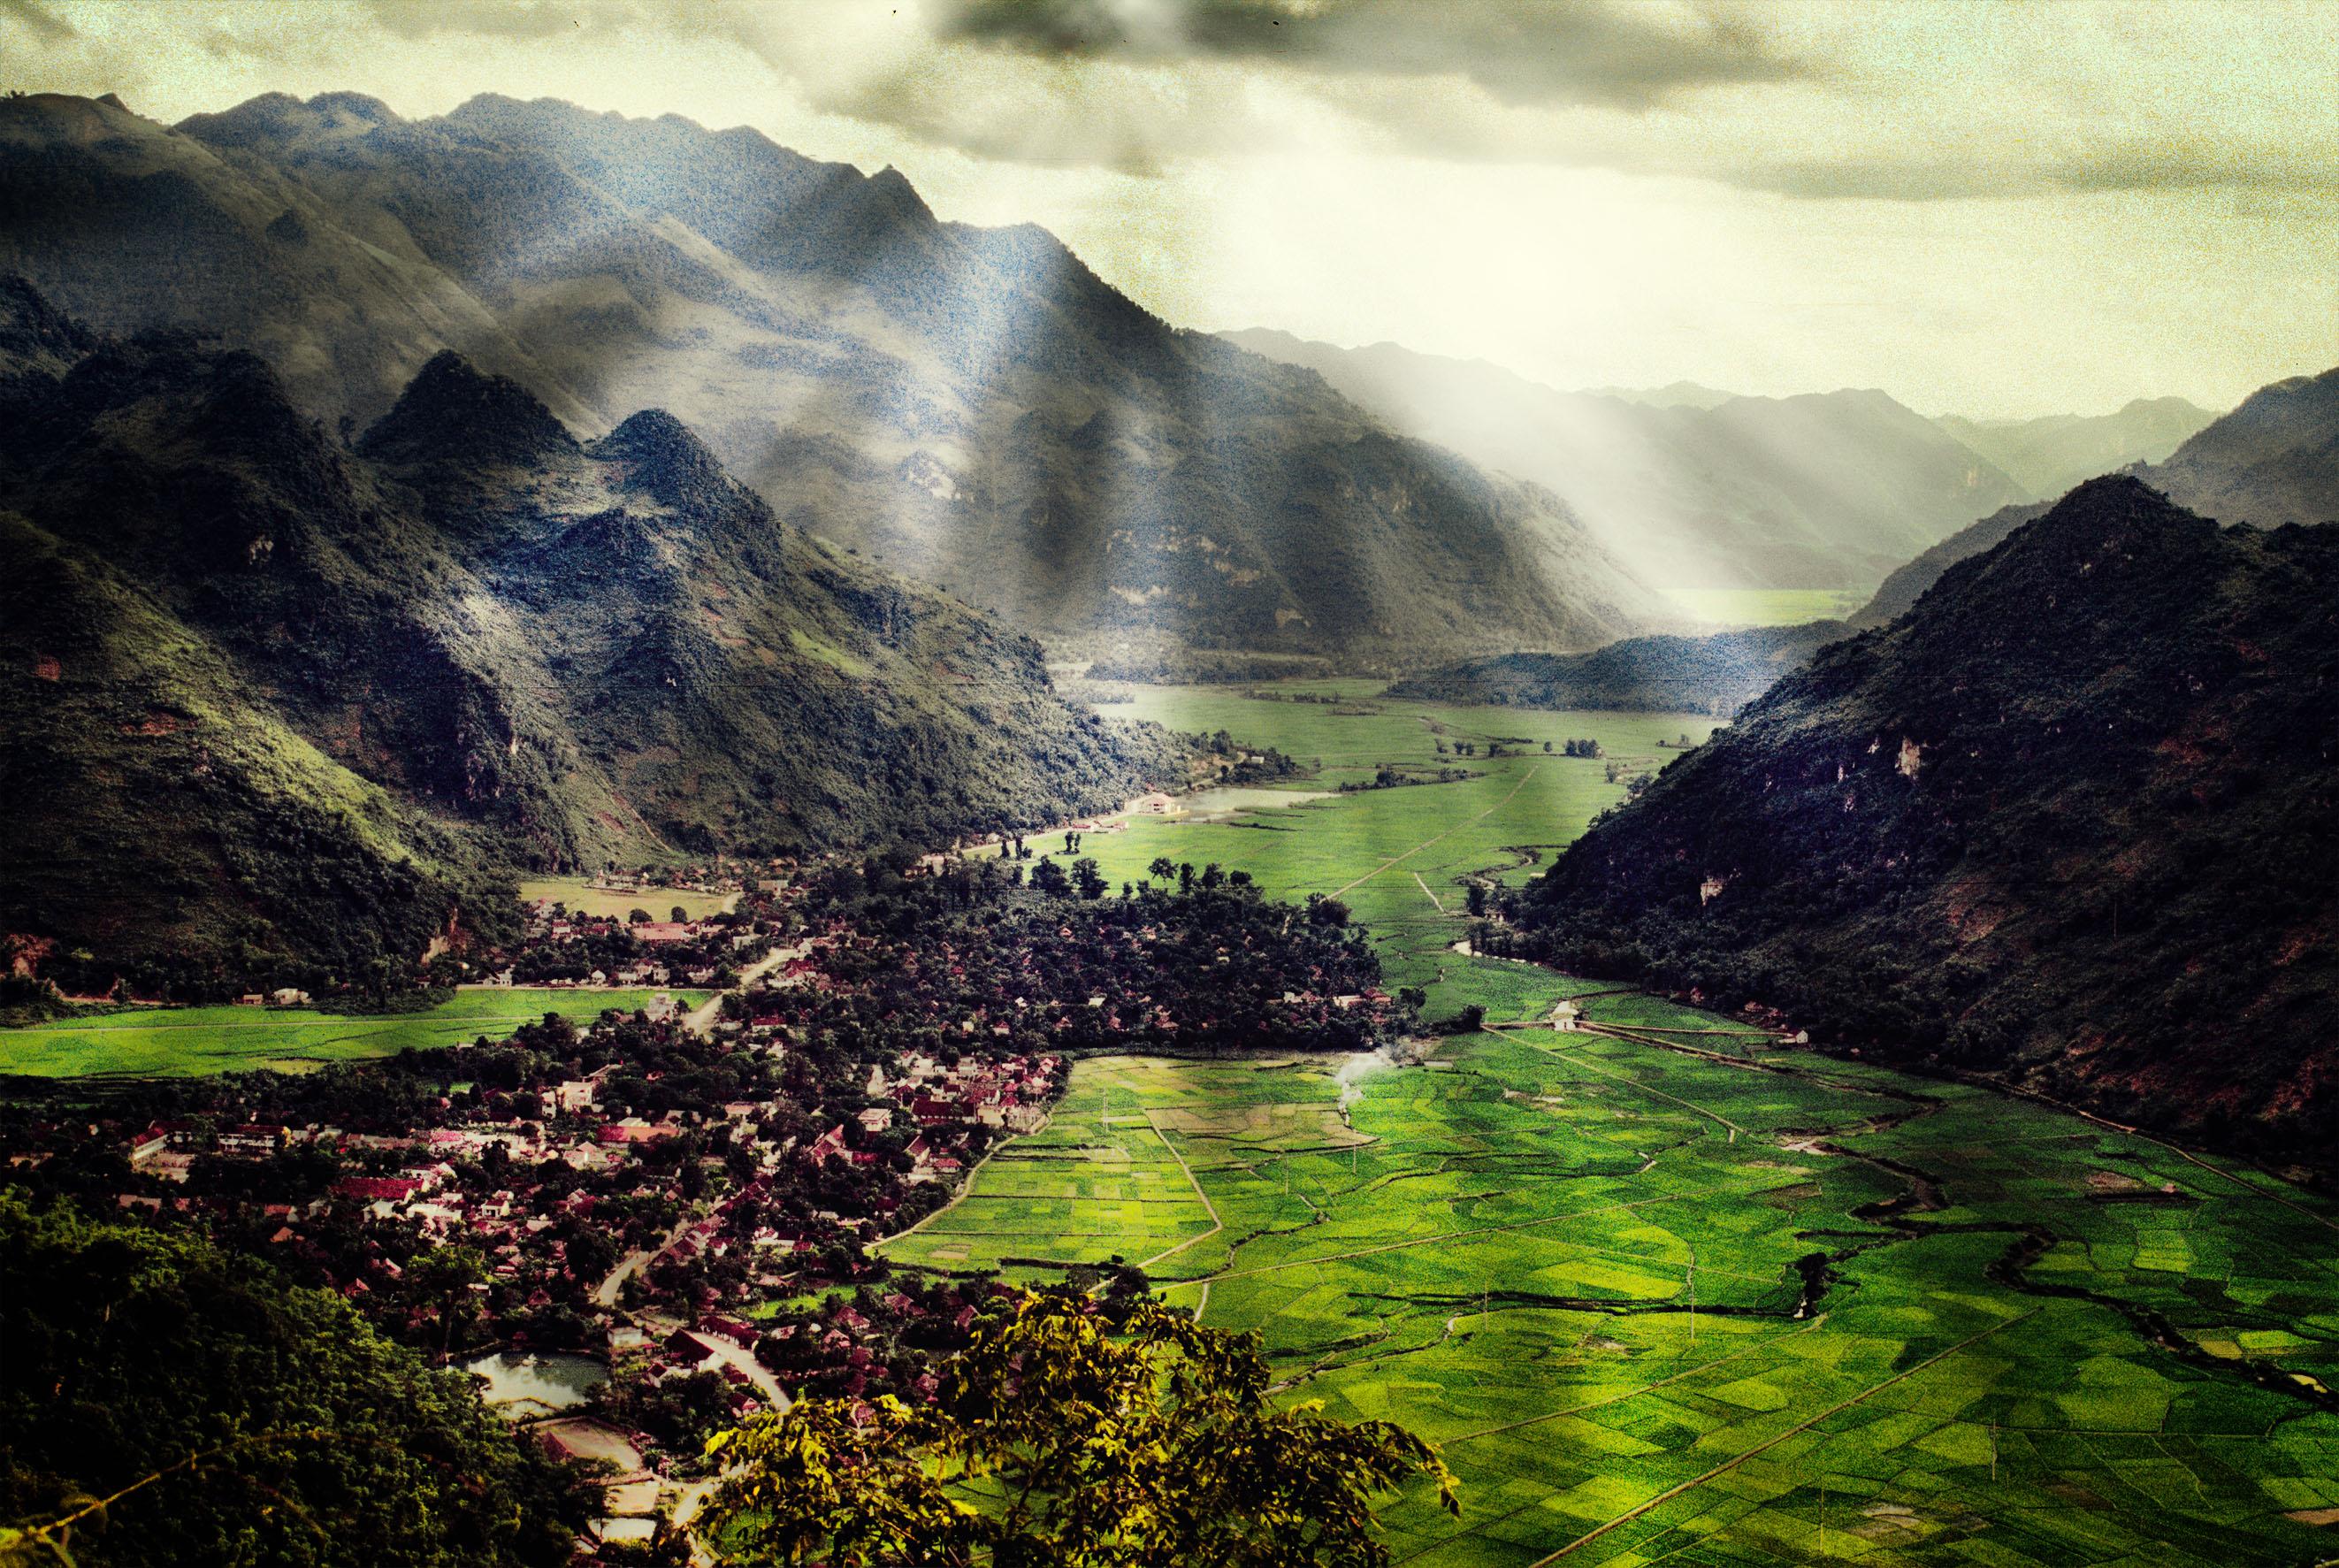 Viet Nam hills 2